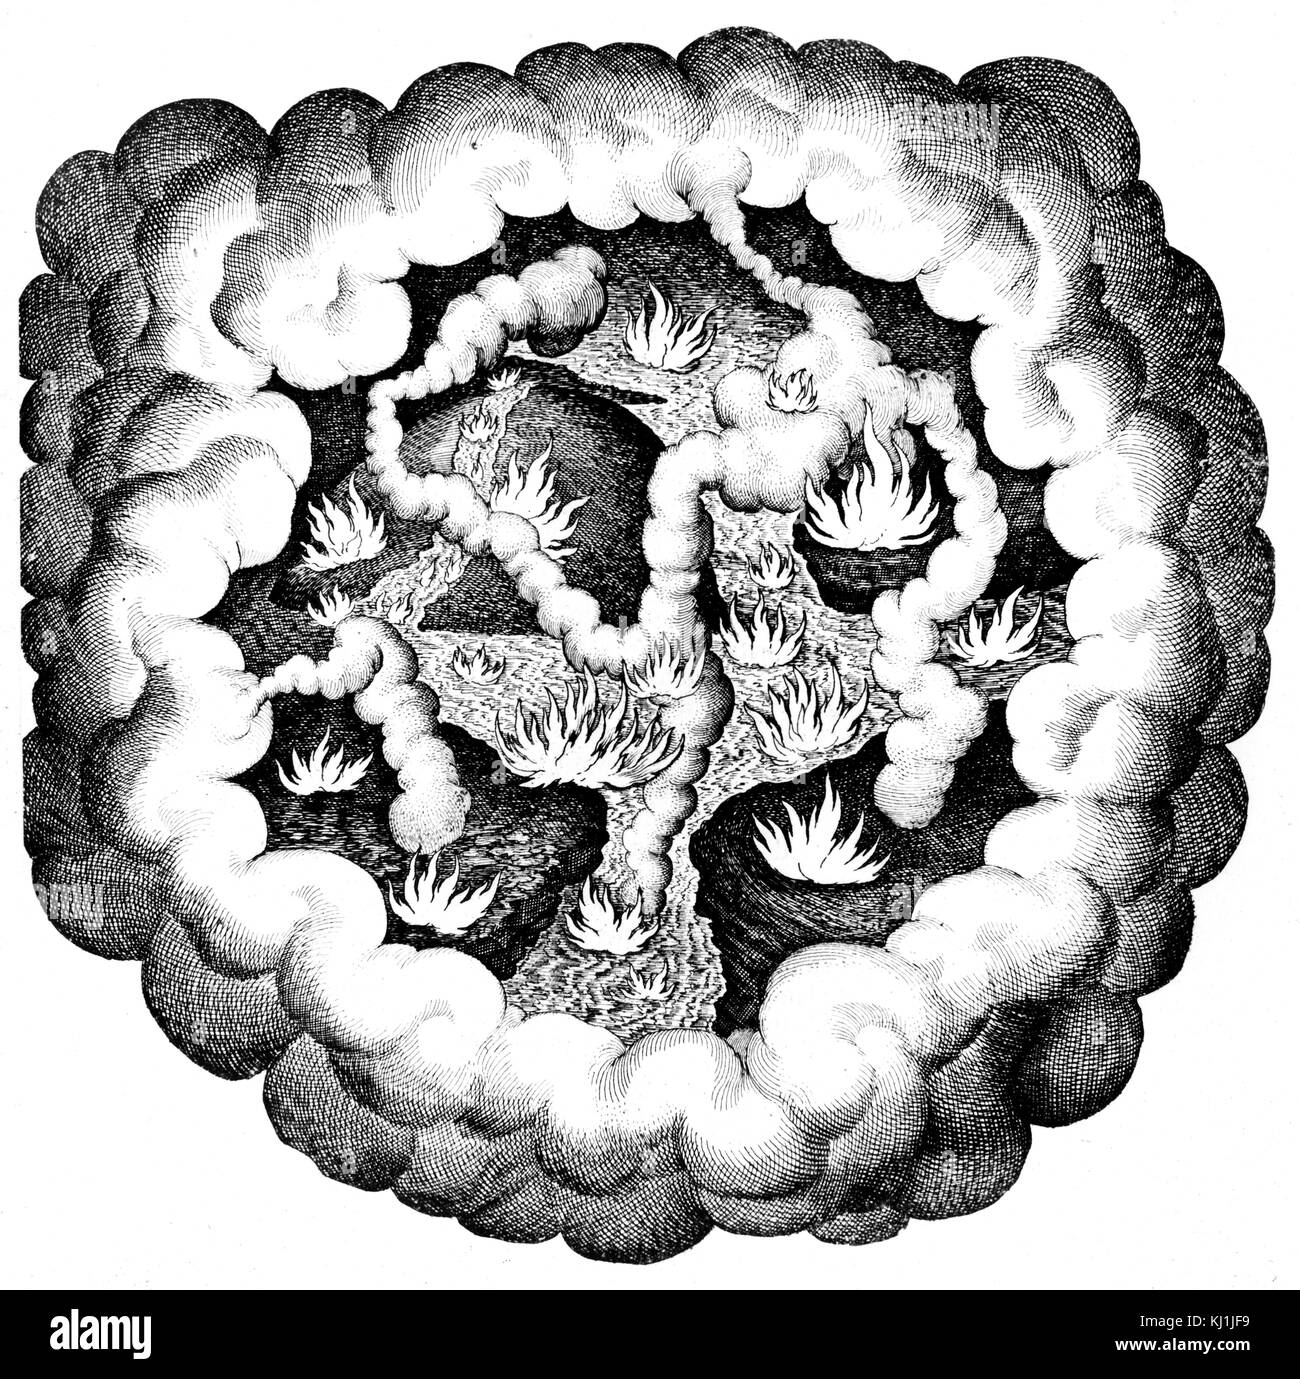 Grabado representando el Caos elemental, mostrando la lucha entre las cualidades (caliente y frío, húmedo Imagen De Stock